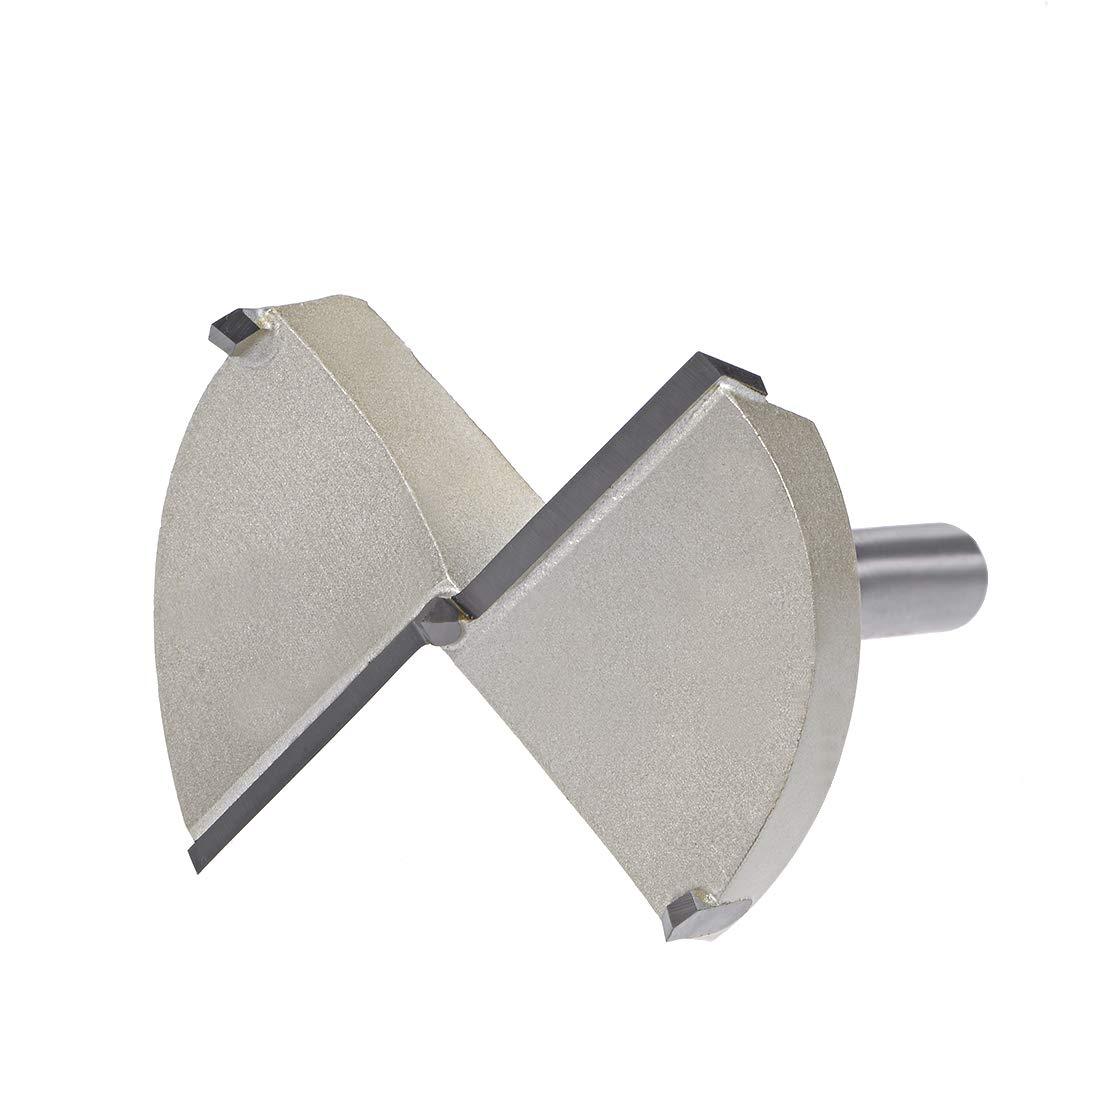 10mm x 30mm Shank uxcell 45mm Hinge Boring Forstner Drill Bit